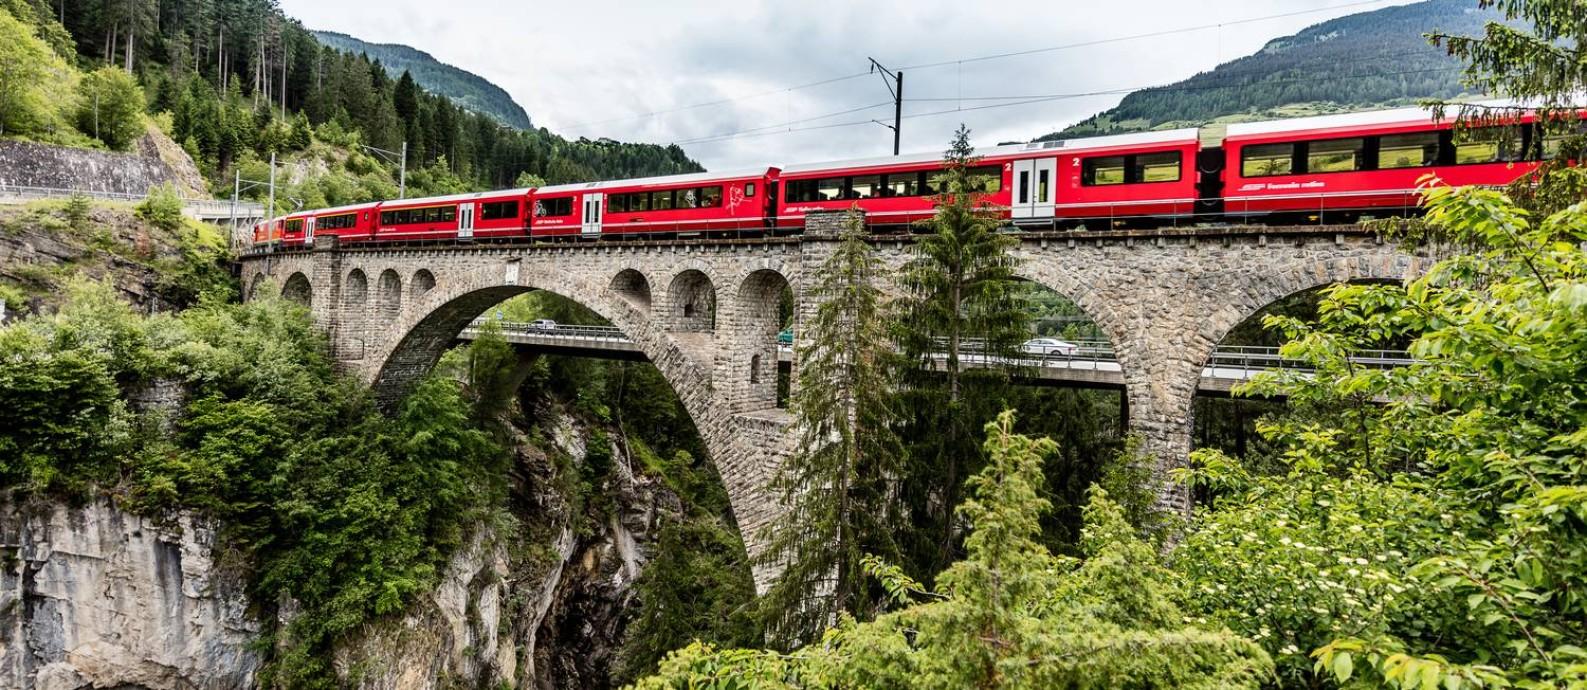 Trem na rota Albula-Bernina, cuja paisagem tem o título de patrimônio da Humanidade da Unesco Foto: Andrea Badrutt / divulgação/Andrea Badrutt